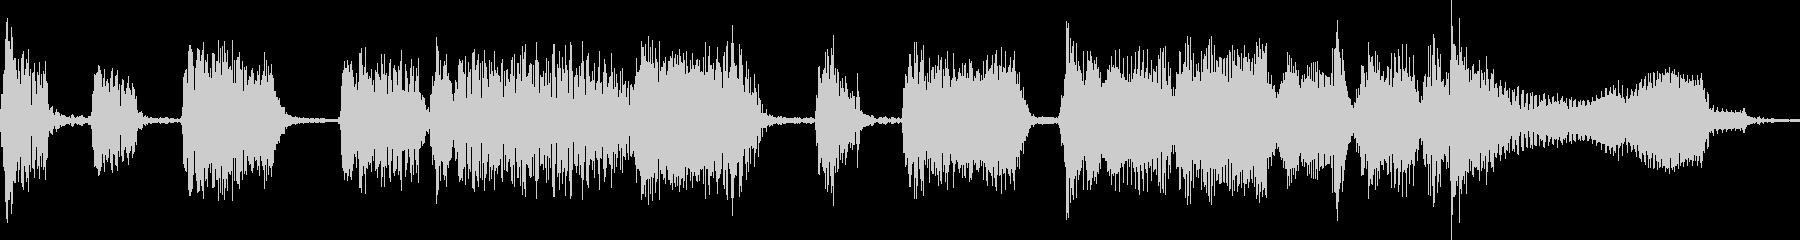 サックスのシンプルなジャズジングルの未再生の波形